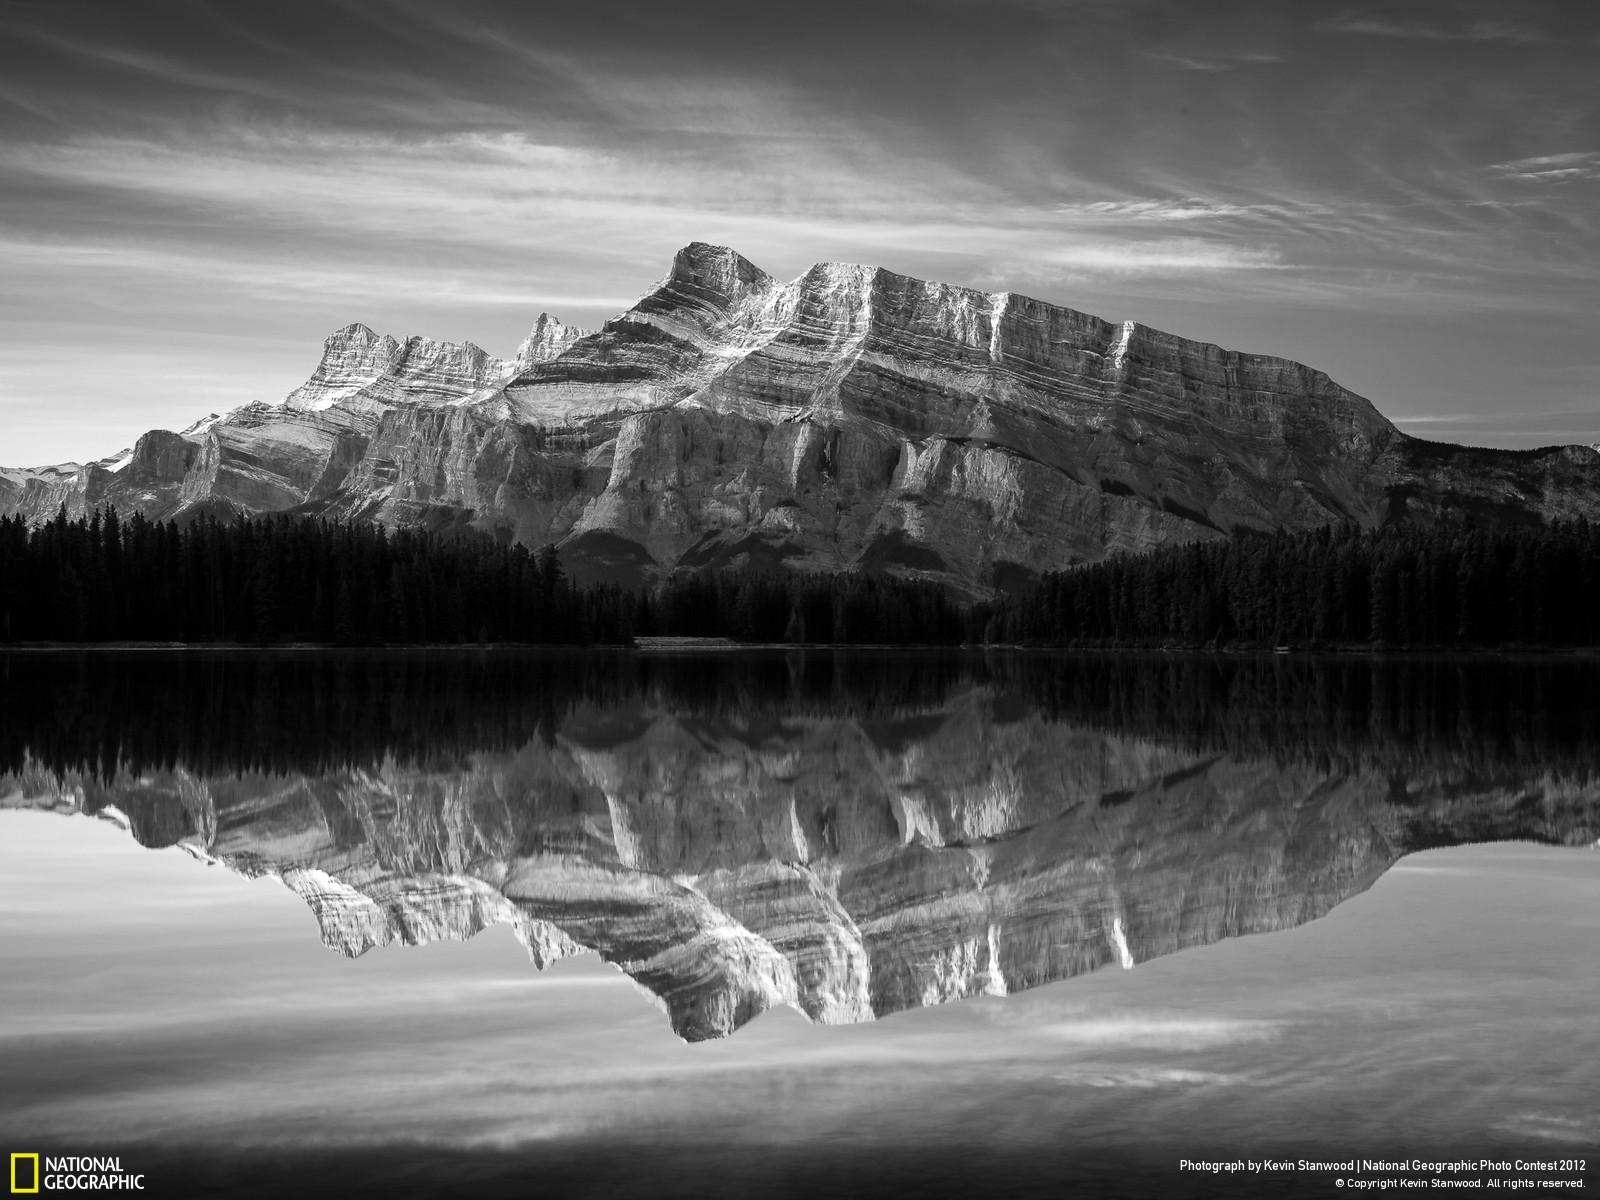 21 Лучшие фотографии за 2012 год по версии National Geographic